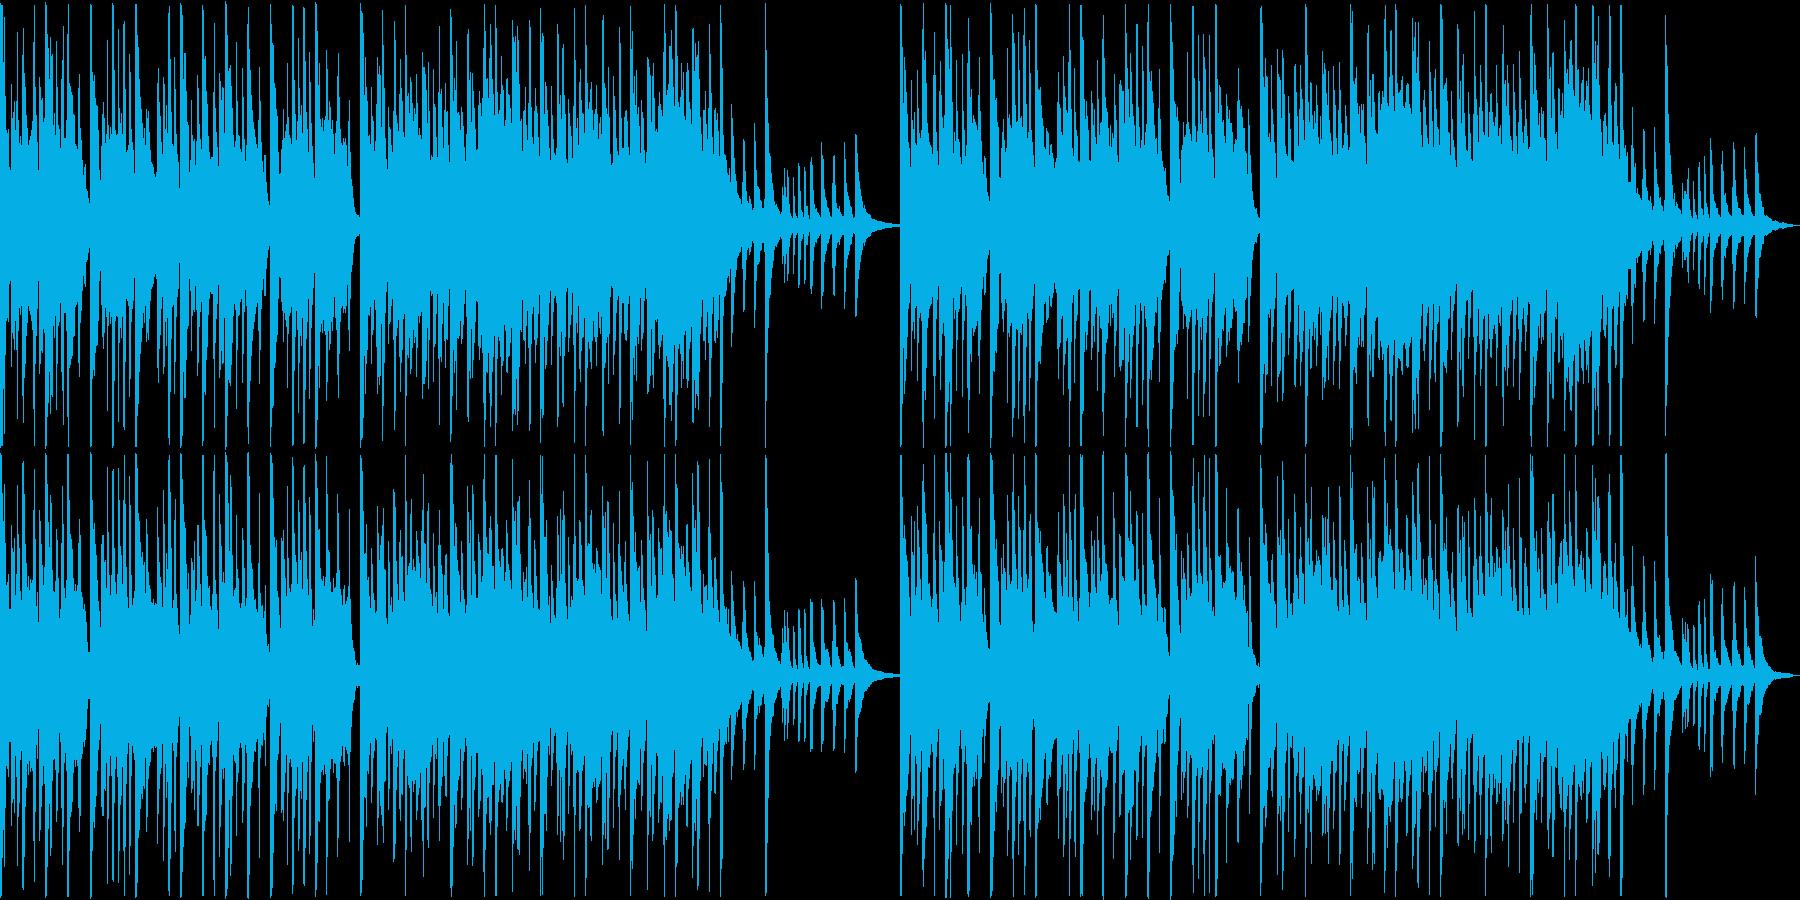 琴と尺八と太鼓によるゆったり和風BGMの再生済みの波形